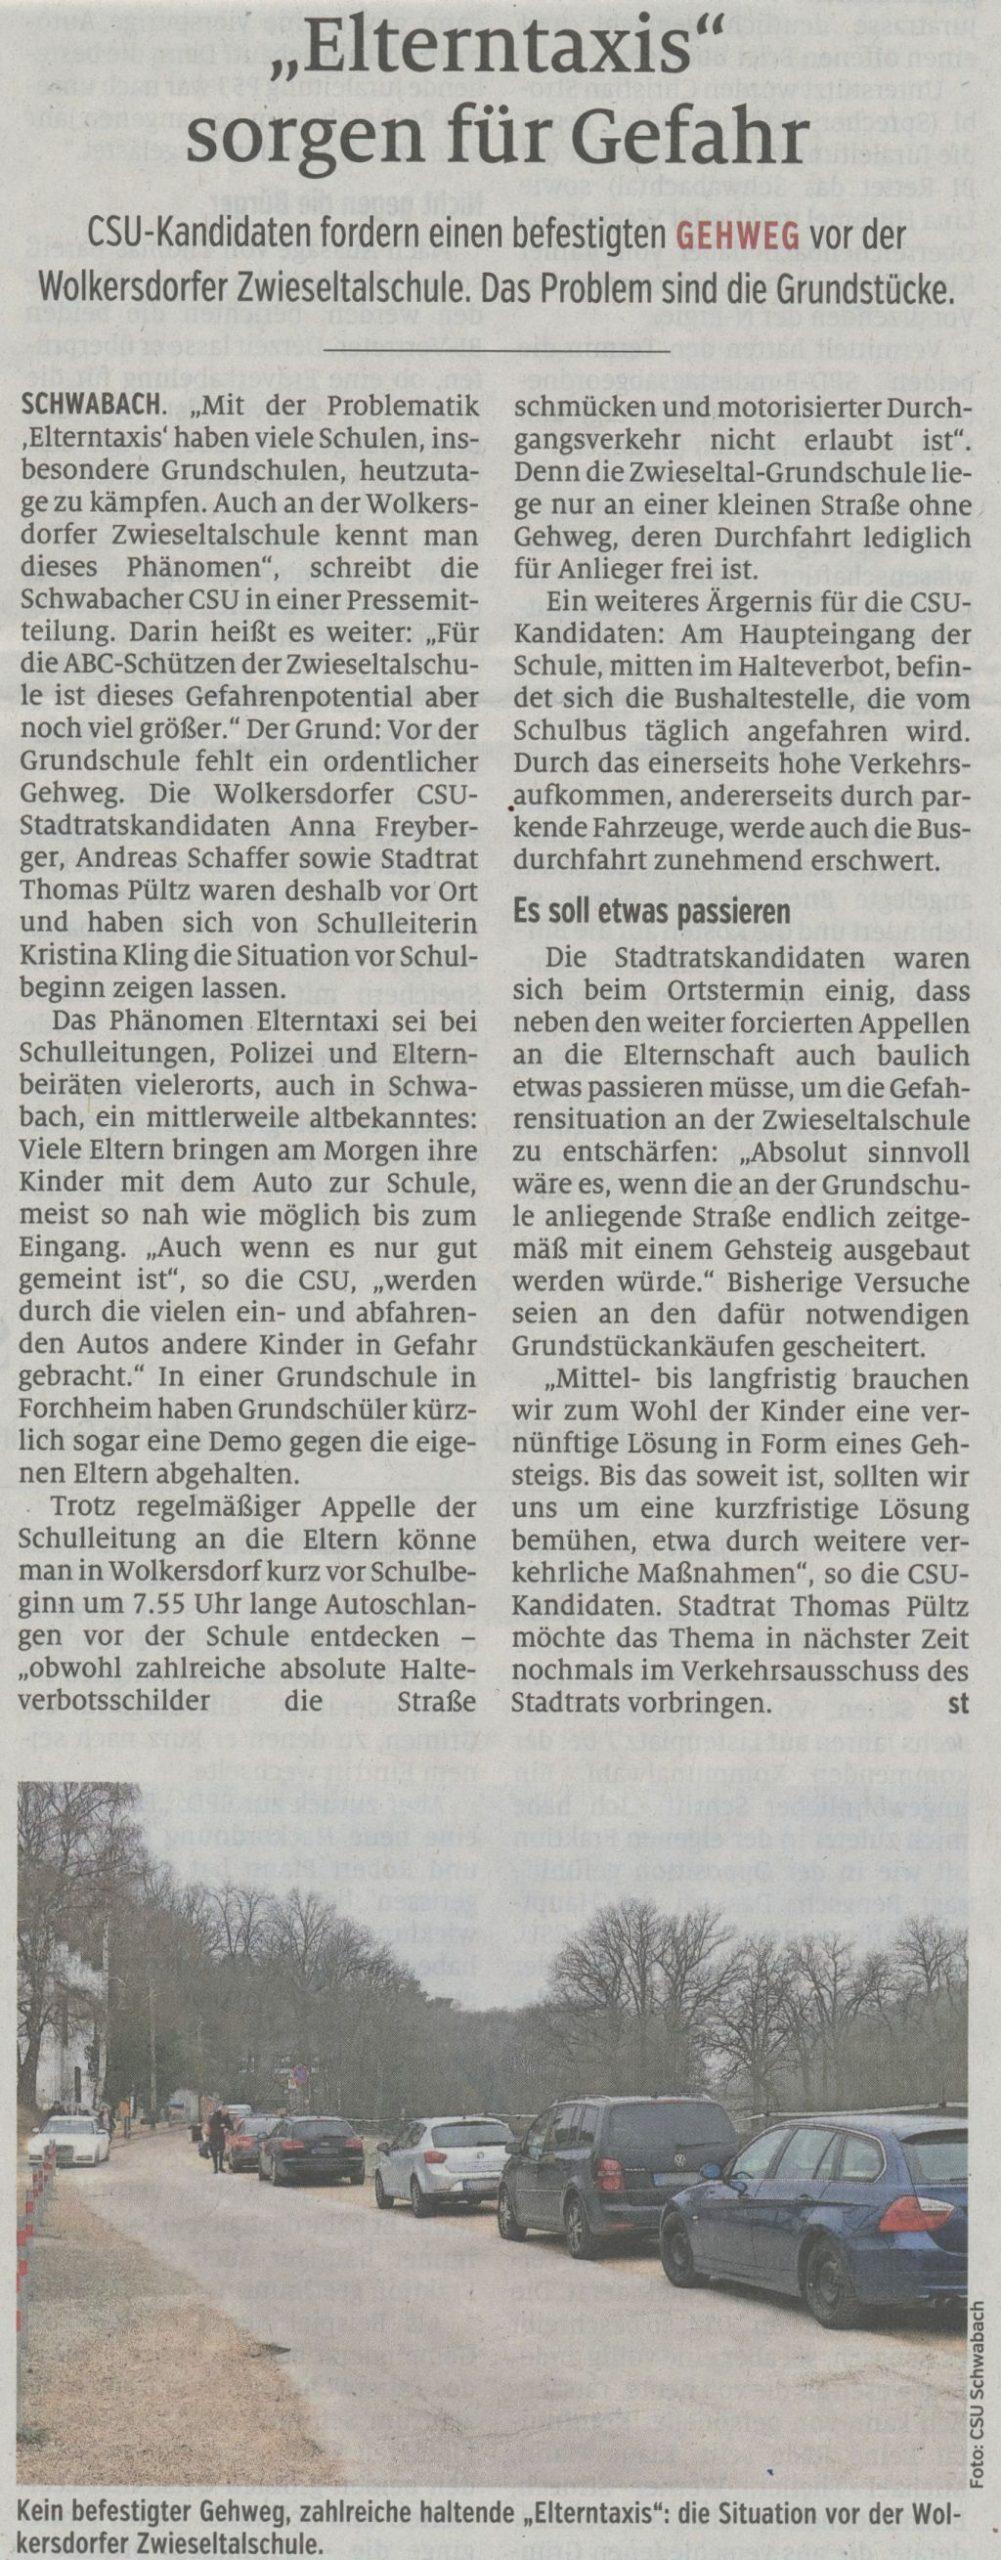 22.01.2020 - Elterntaxis sorgen für Gefahr - Schwabacher Tagblatt